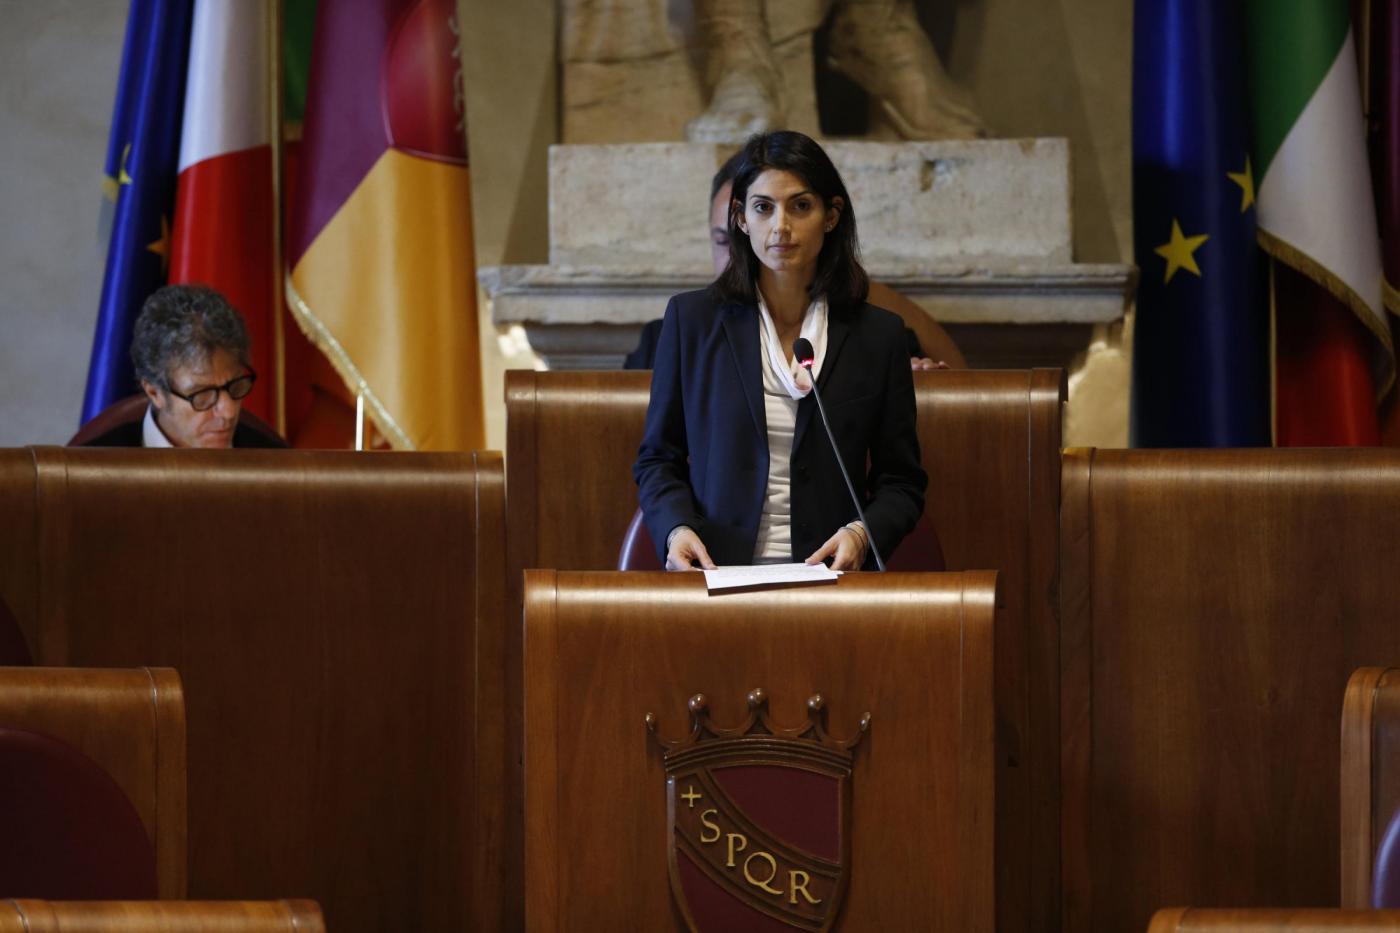 Roma: l'Oref boccia il bilancio della Giunta Raggi, cosa succede adesso?